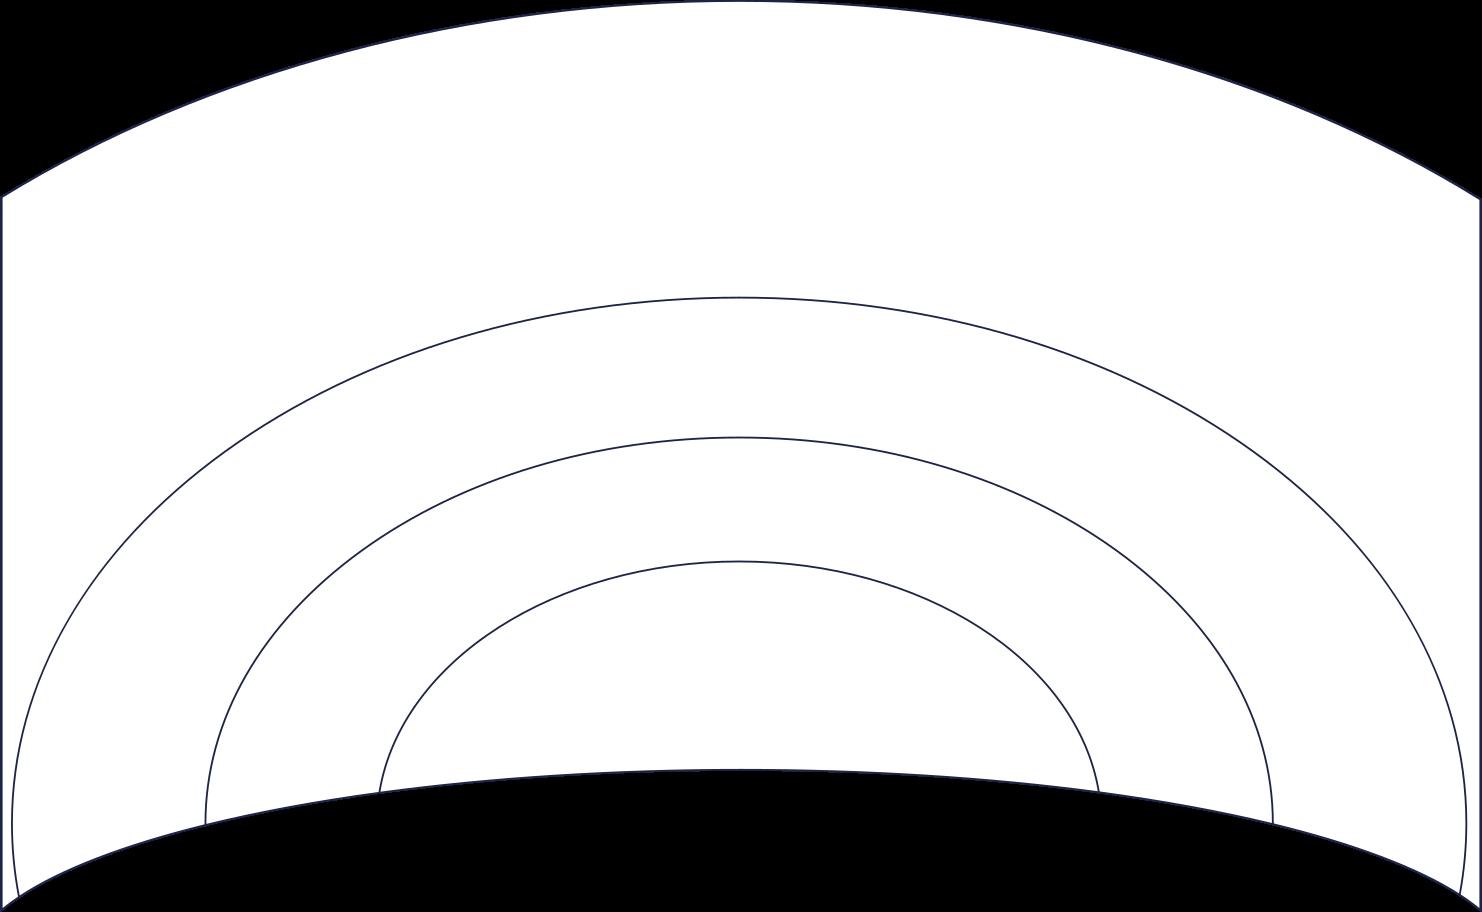 no connection  spase landscape line Clipart illustration in PNG, SVG